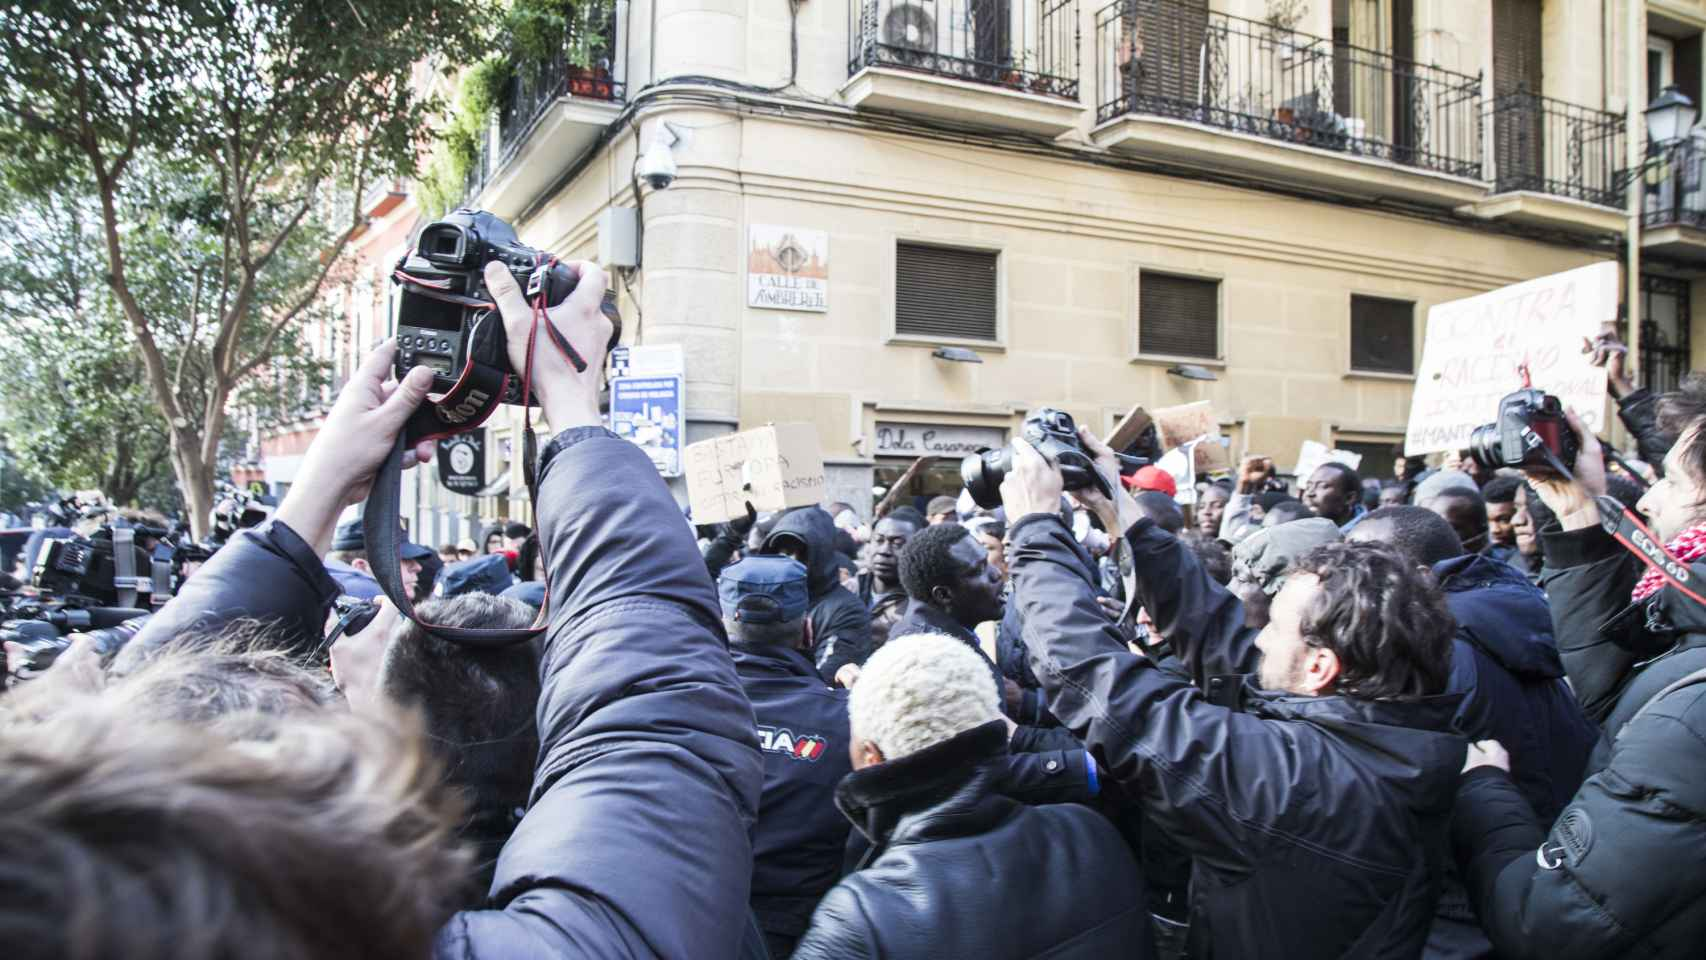 Momento de tensión entre manifestantes y policías nacionales. Se han producido empujones y forcejeos  aunque no ha habido cargas. / Jorge Barreno